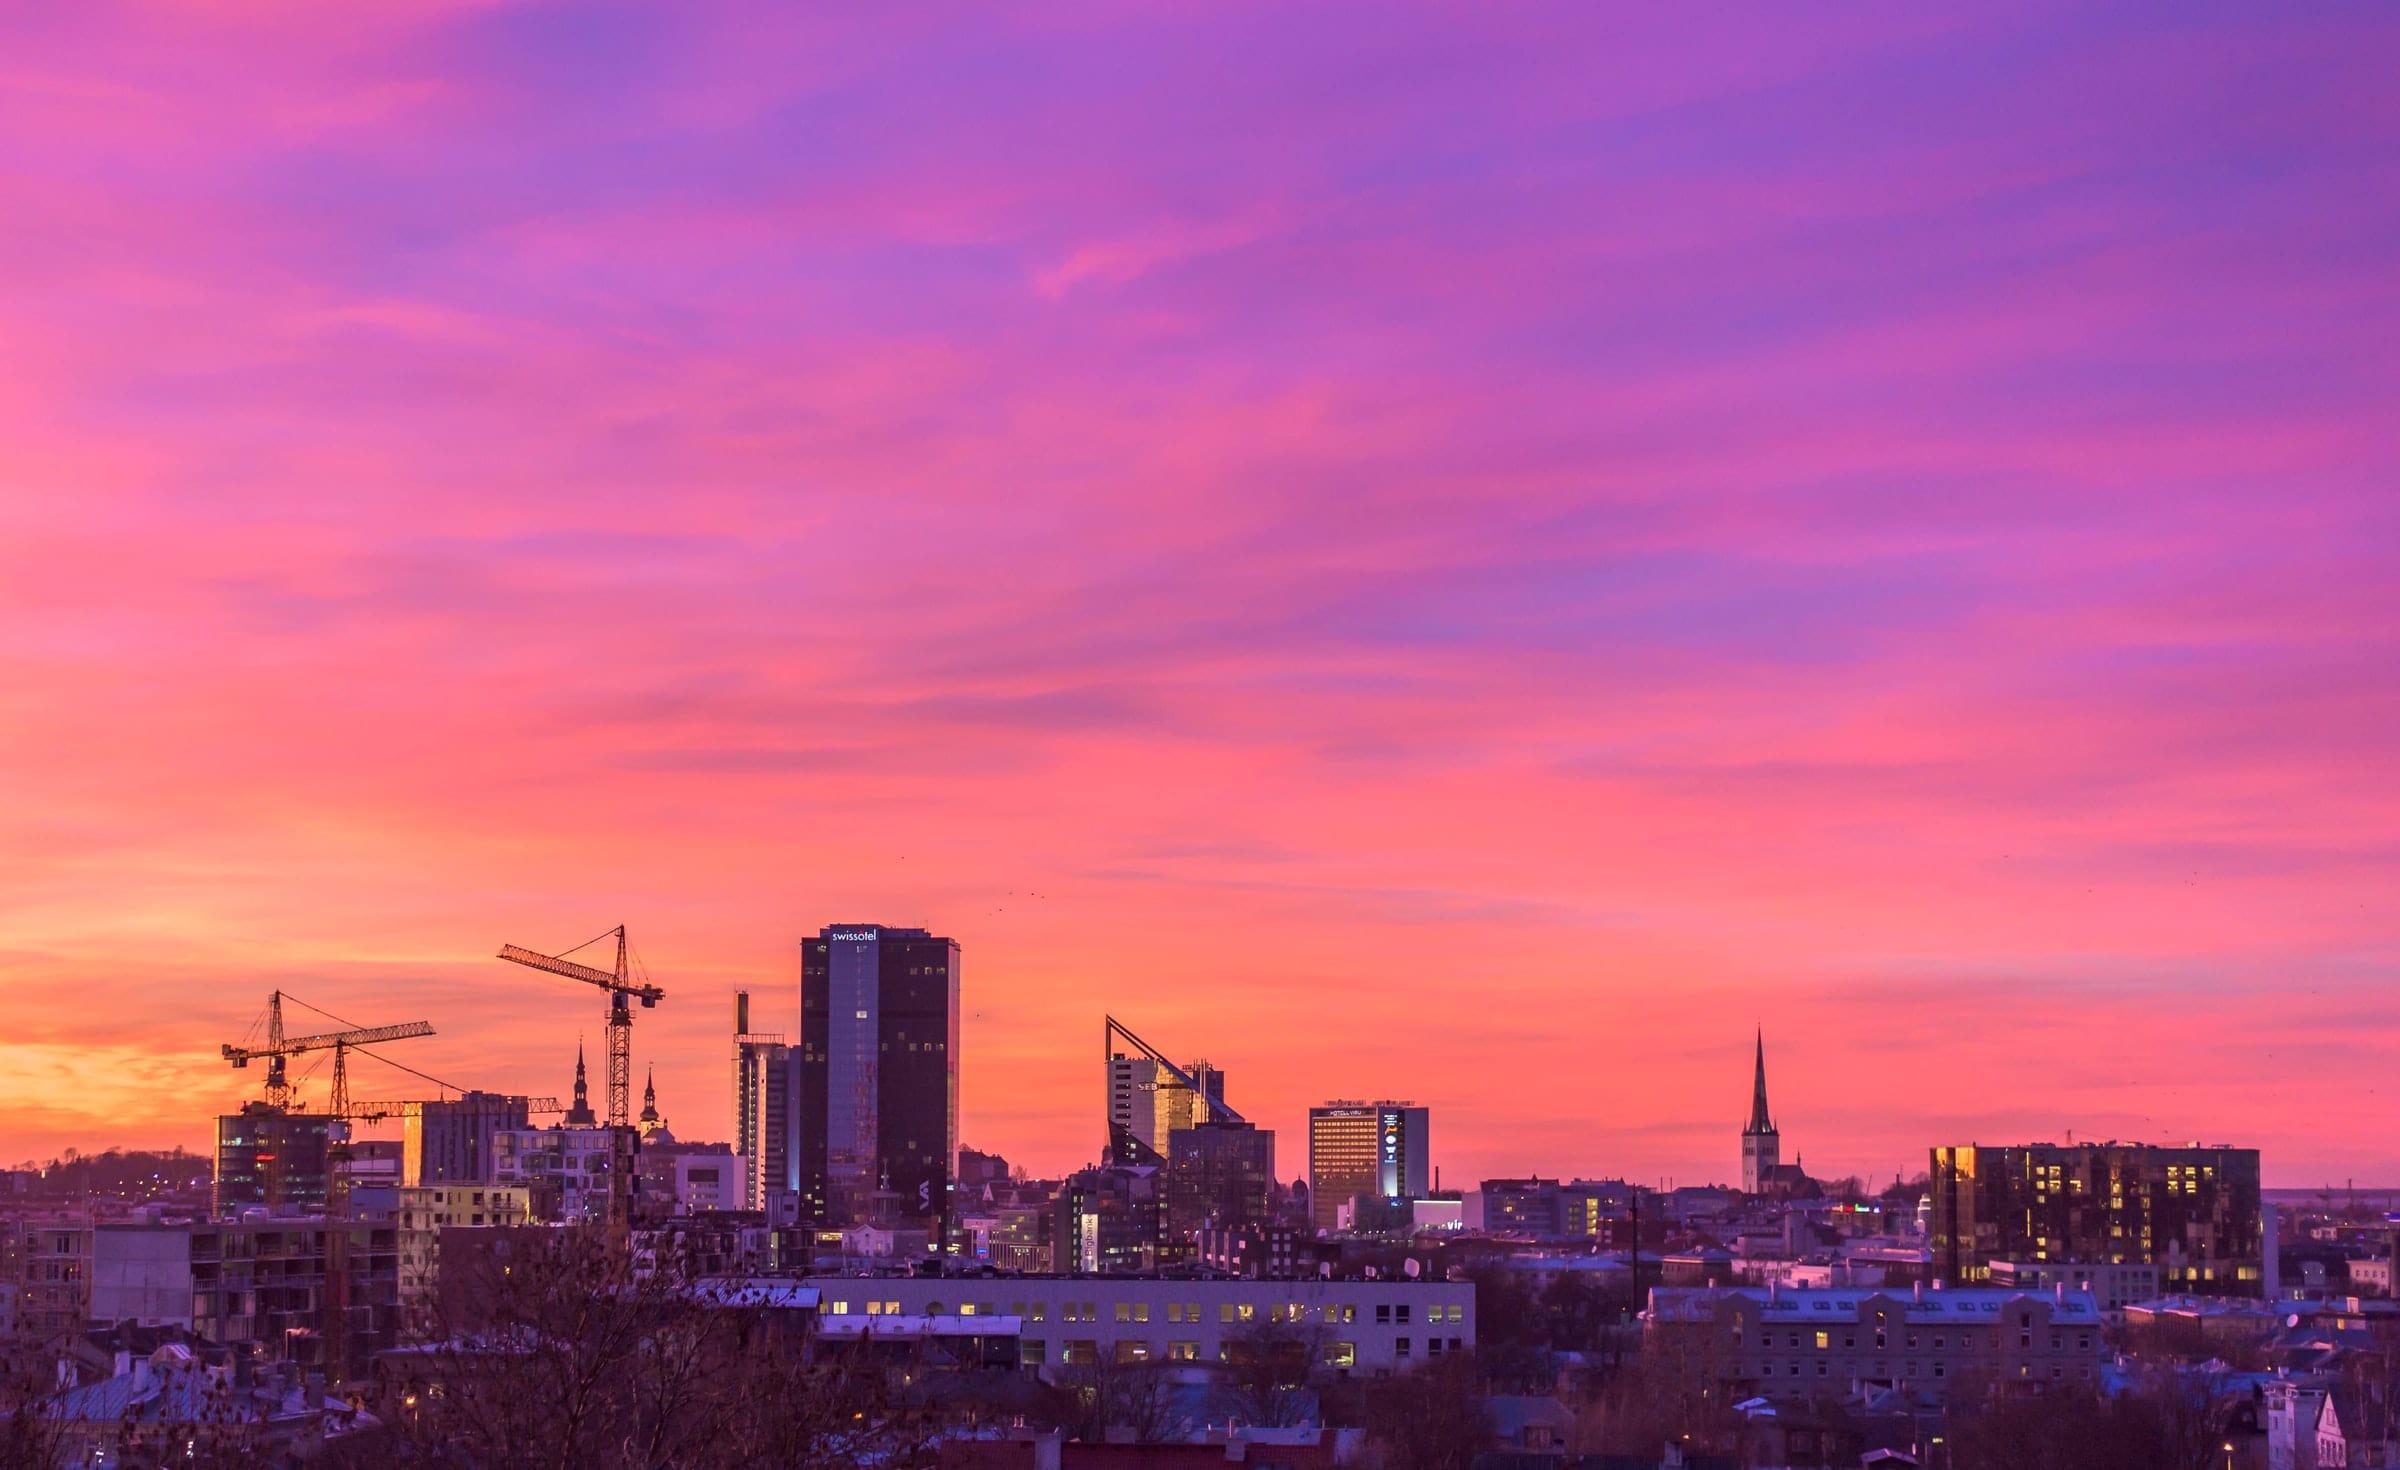 Estonia entre los tres países más avanzados digitalmente en el 2020 según la ONU